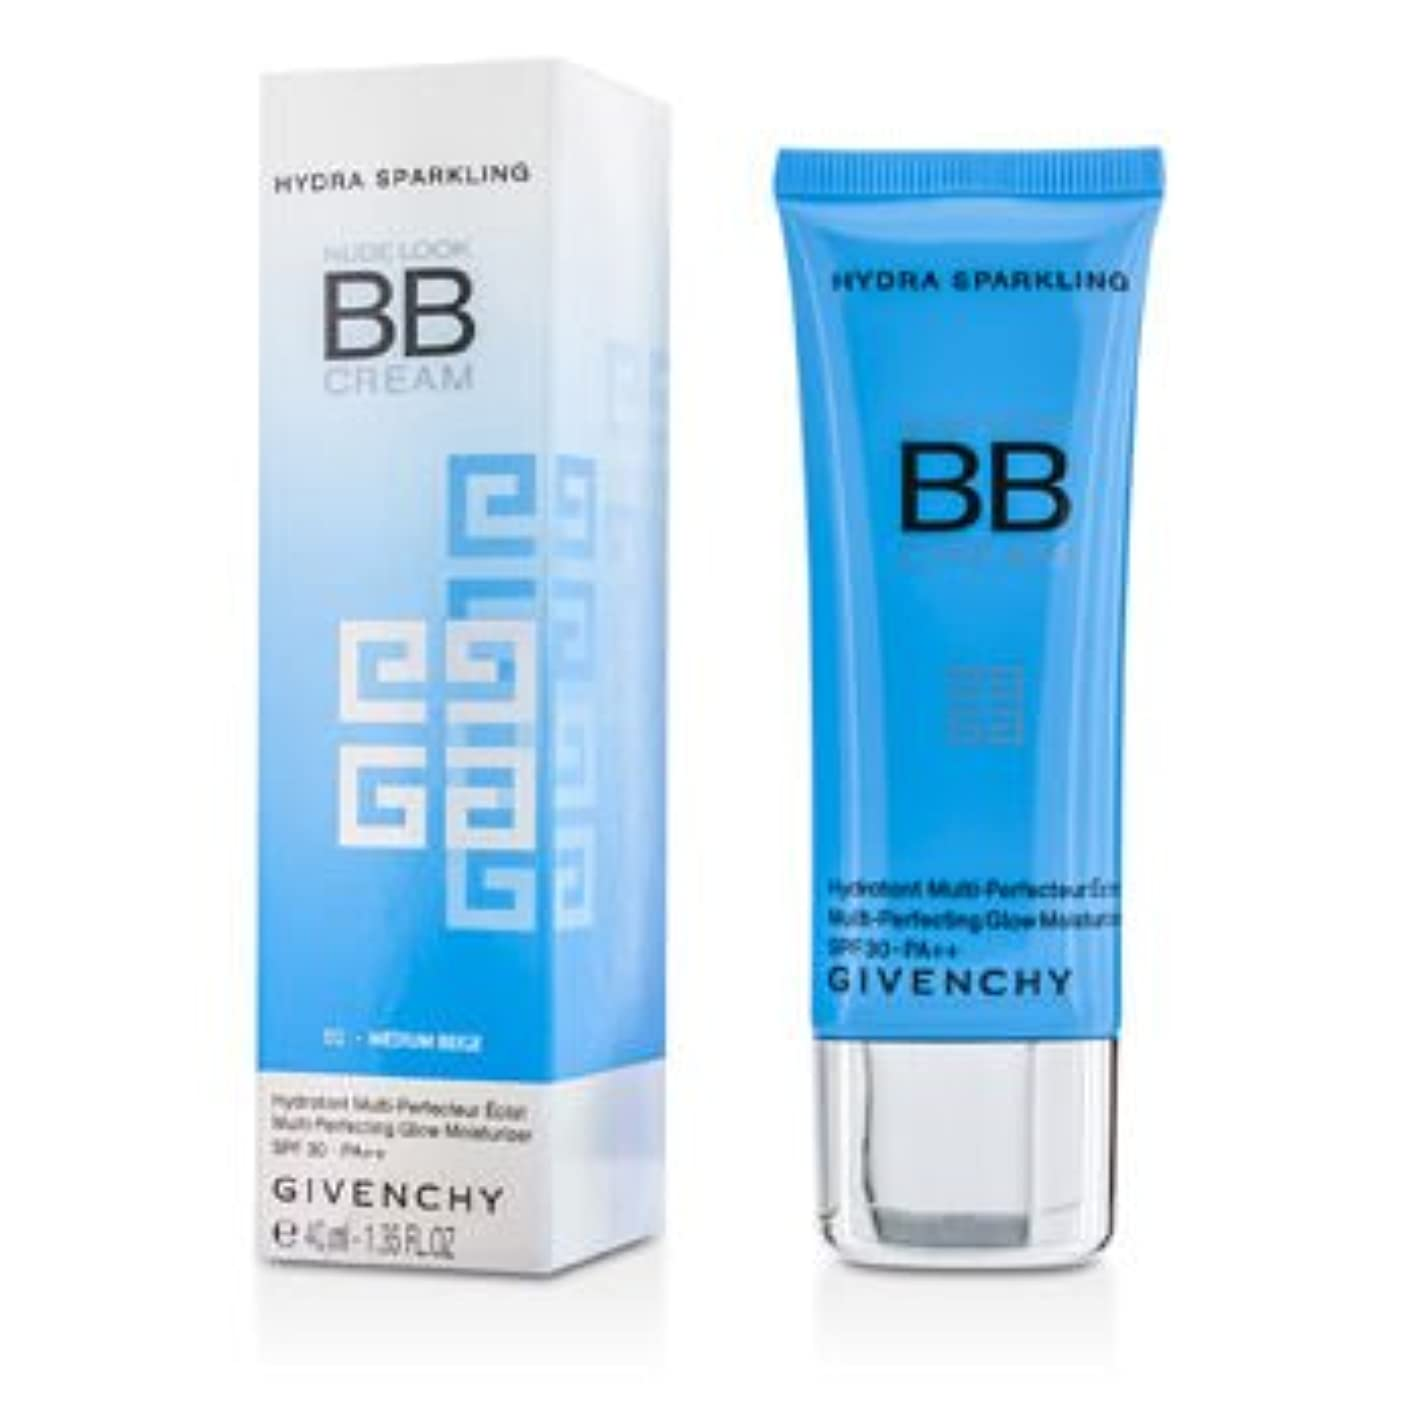 バルク聖職者技術的な[Givenchy] Nude Look BB Cream Multi-Perfecting Glow Moisturizer SPF 30 PA++ #02 Medium Beige 40ml/1.35oz